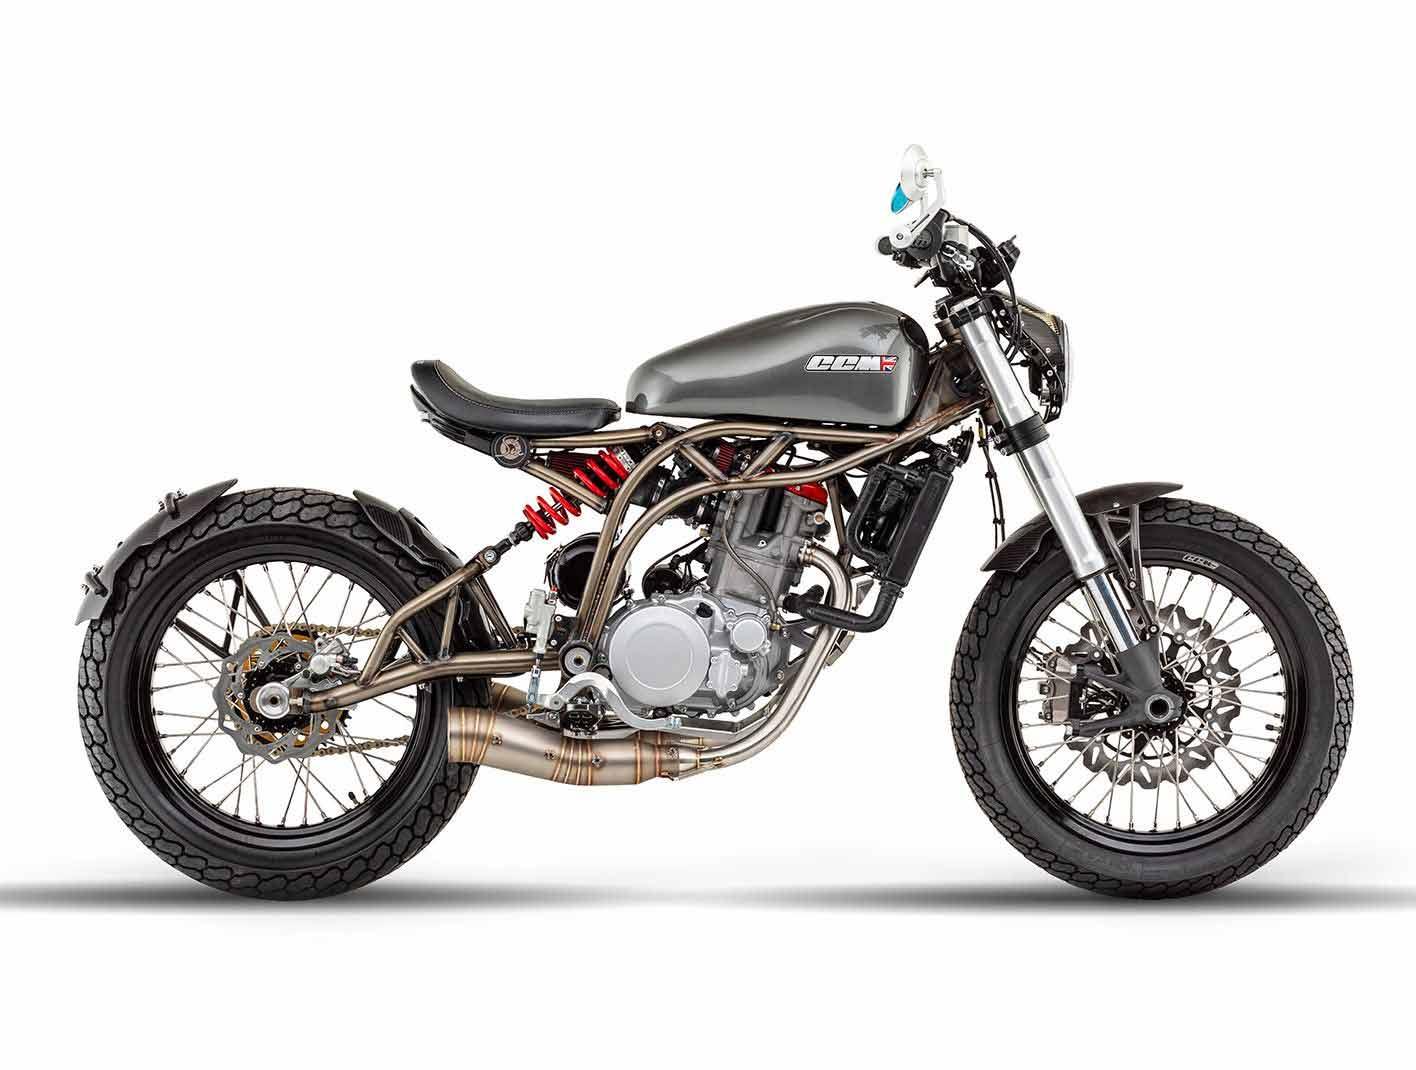 Site elege o ranking as 11 das melhores motos retrô 2021. Foto: Divulgação